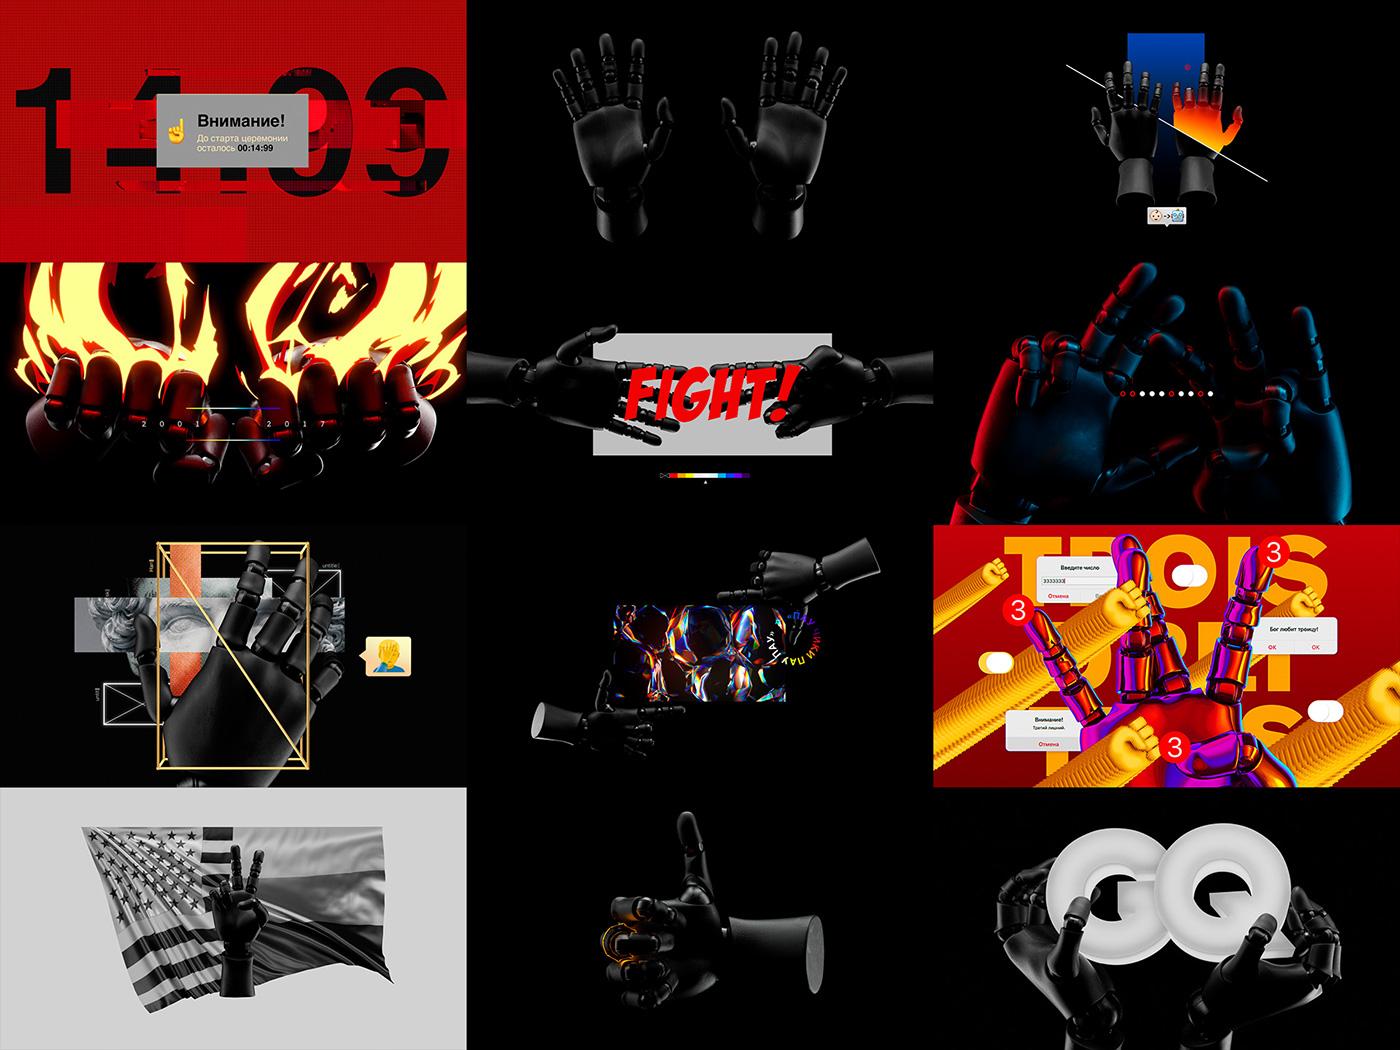 GQ hand robot ceremony black 3D fuck hands